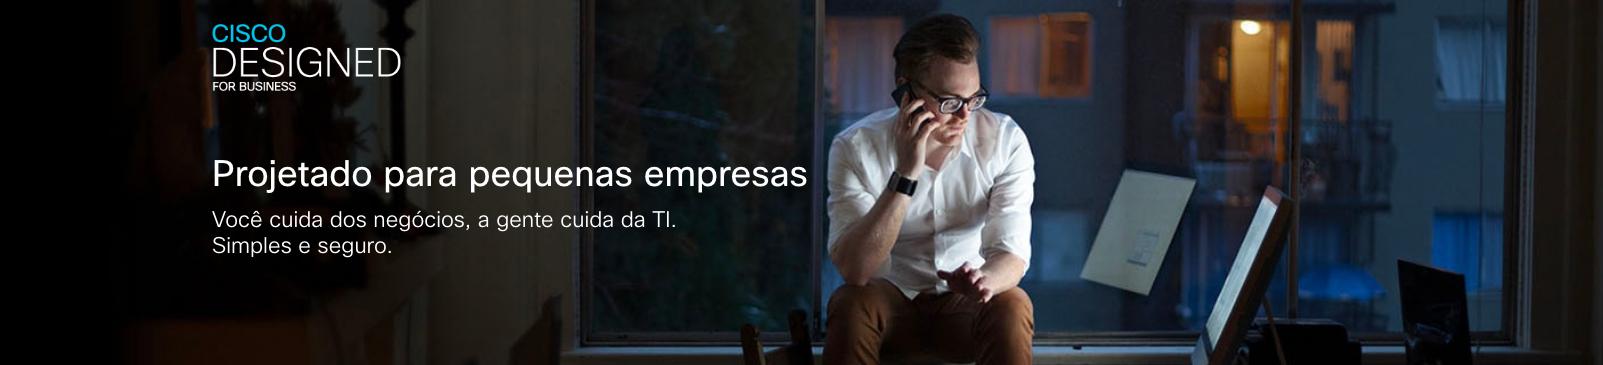 Home__imagem-corporativa